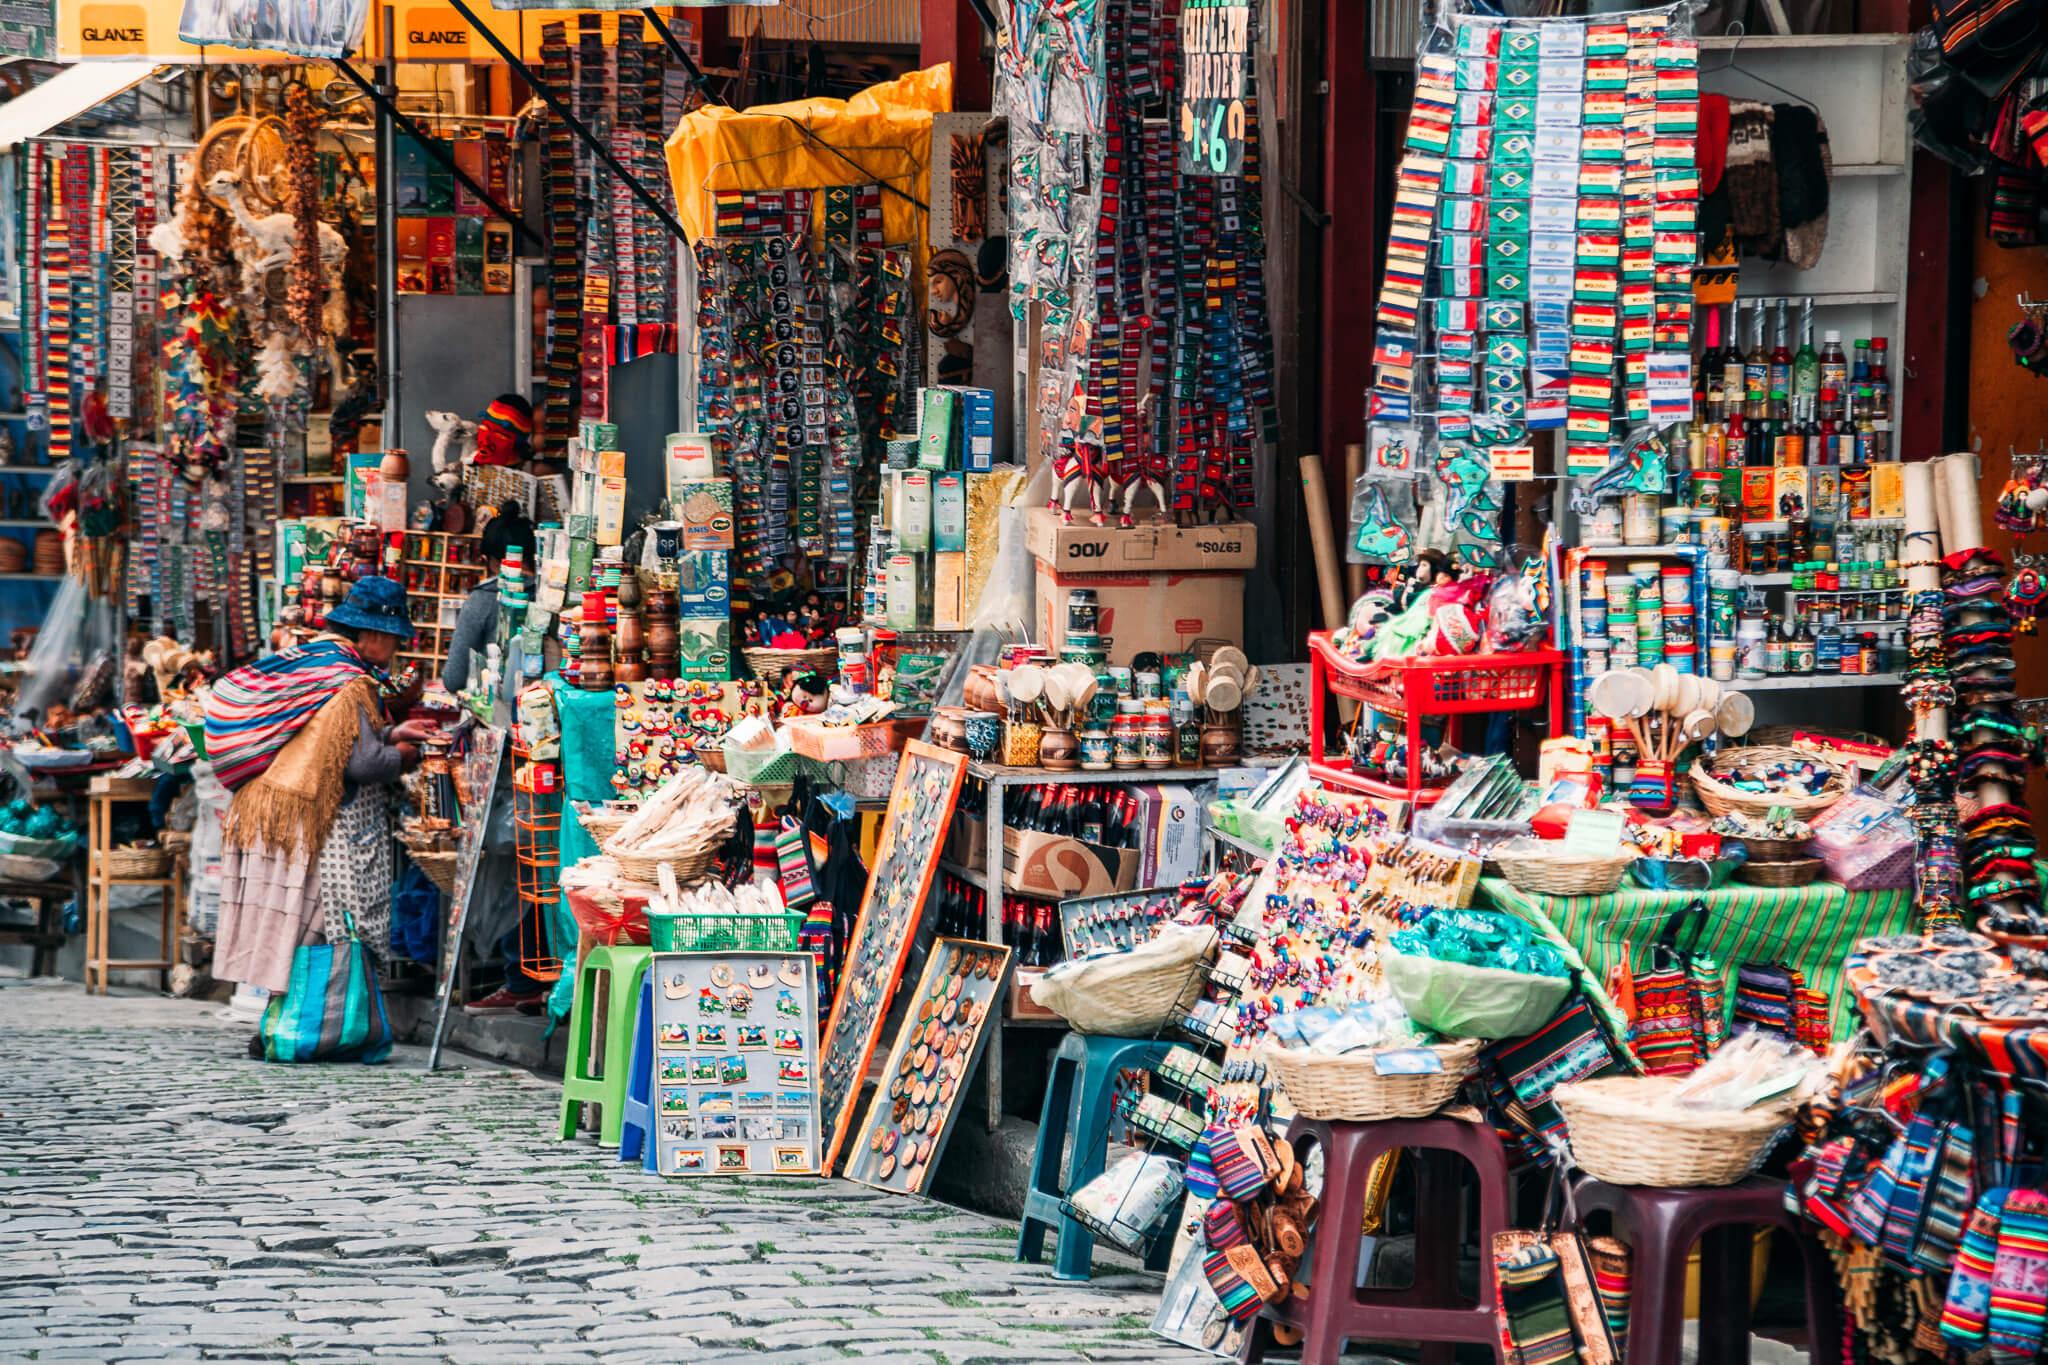 Mercado das Bruxas de La Paz (Mercado de las Brujas)